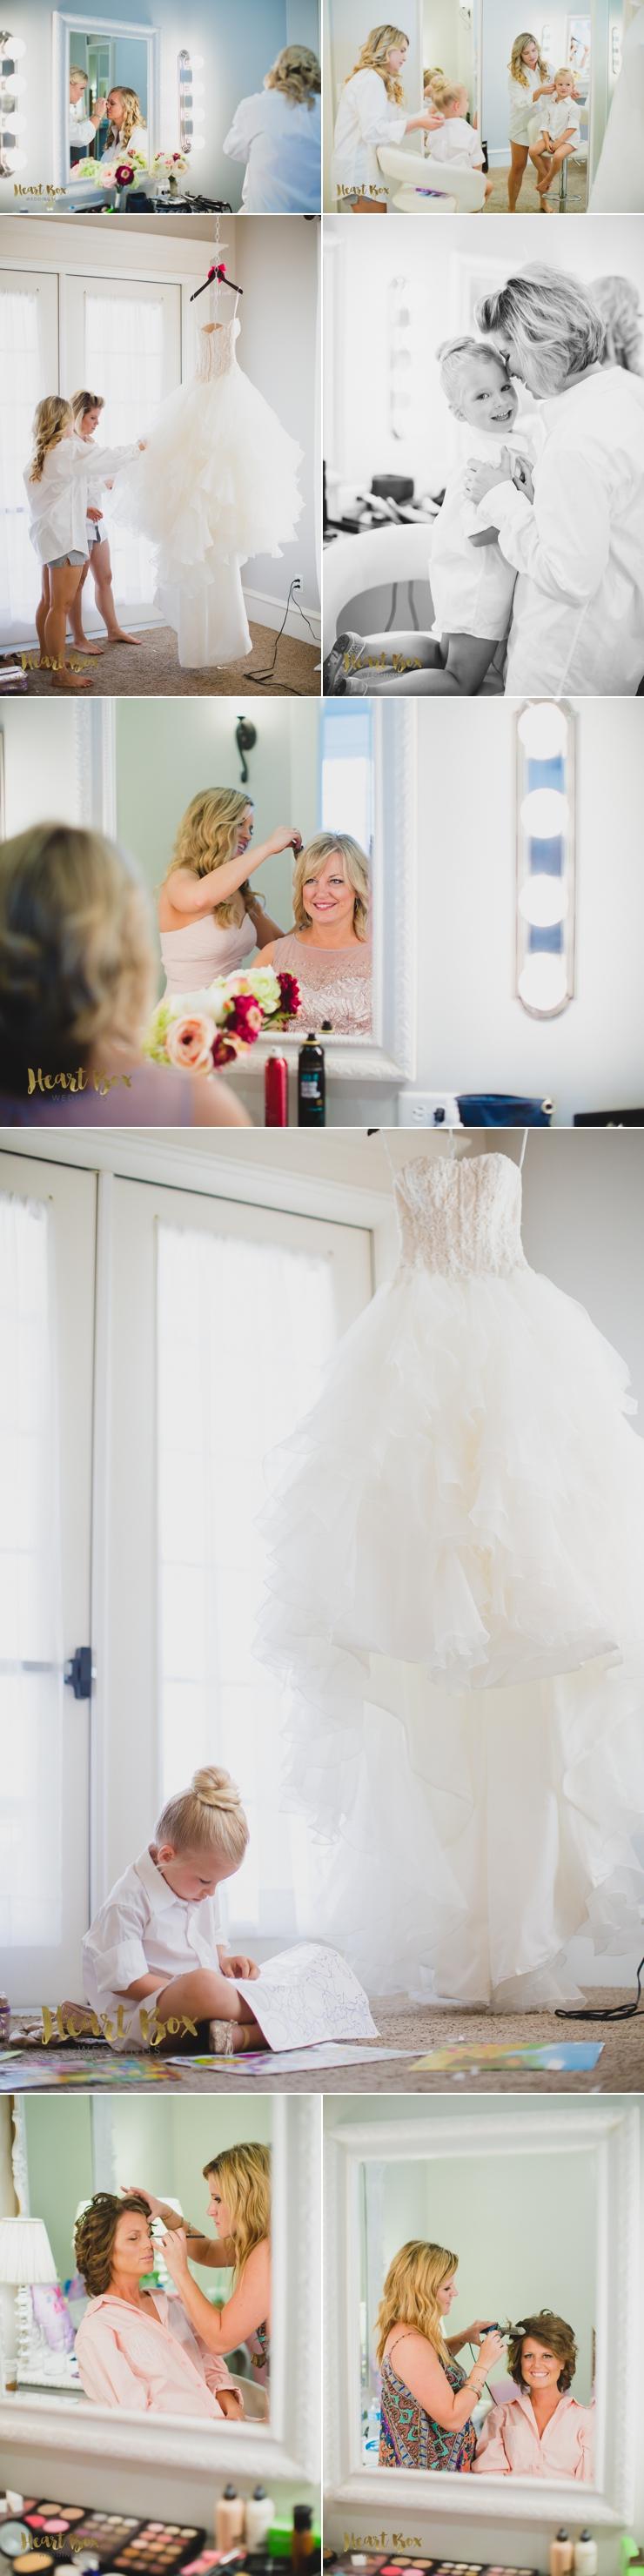 Wishon Wedding Blog Collages 4.jpg